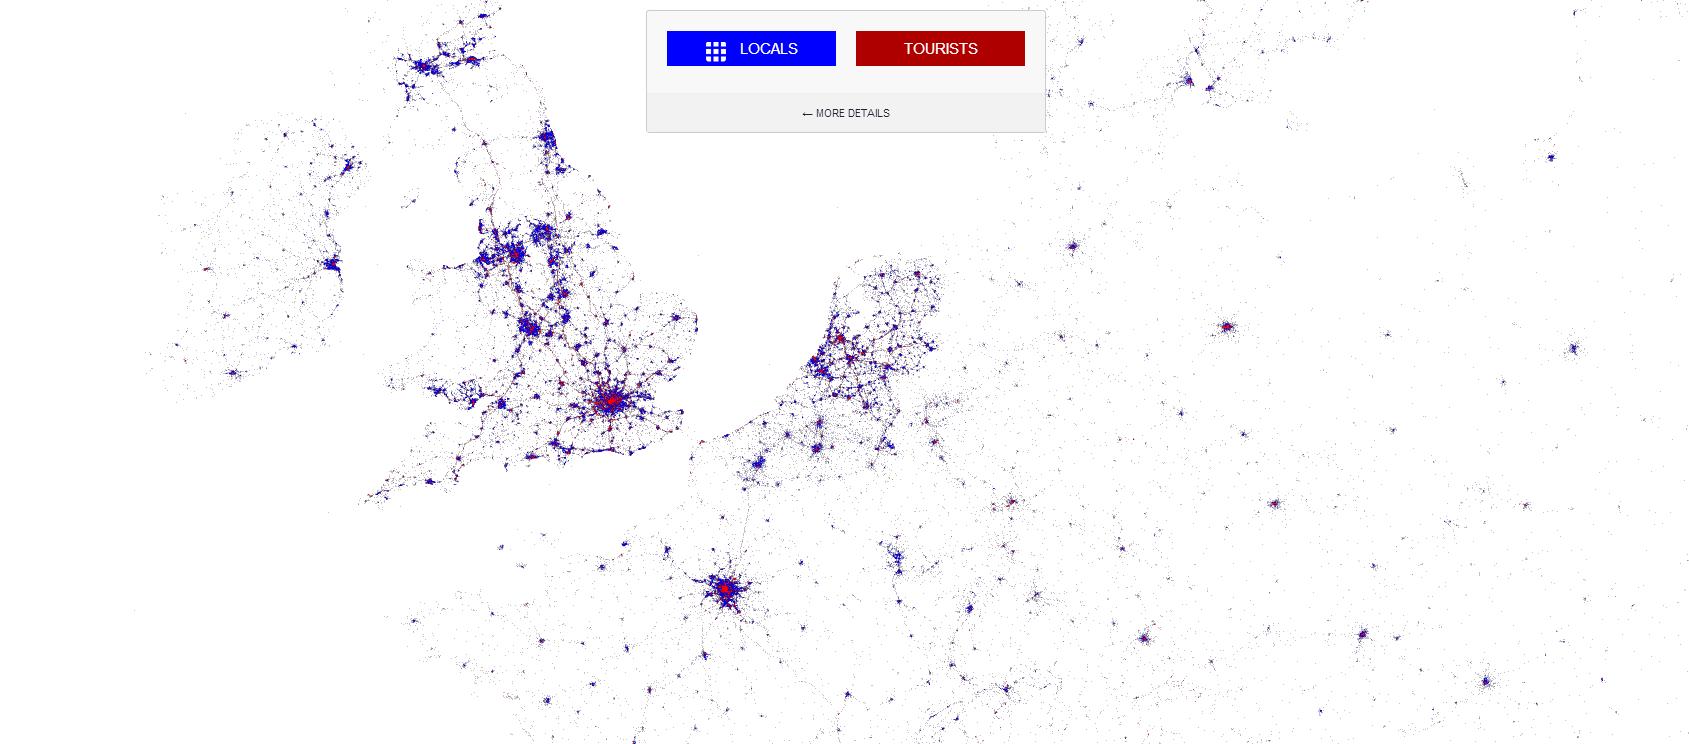 MapBox Twitter